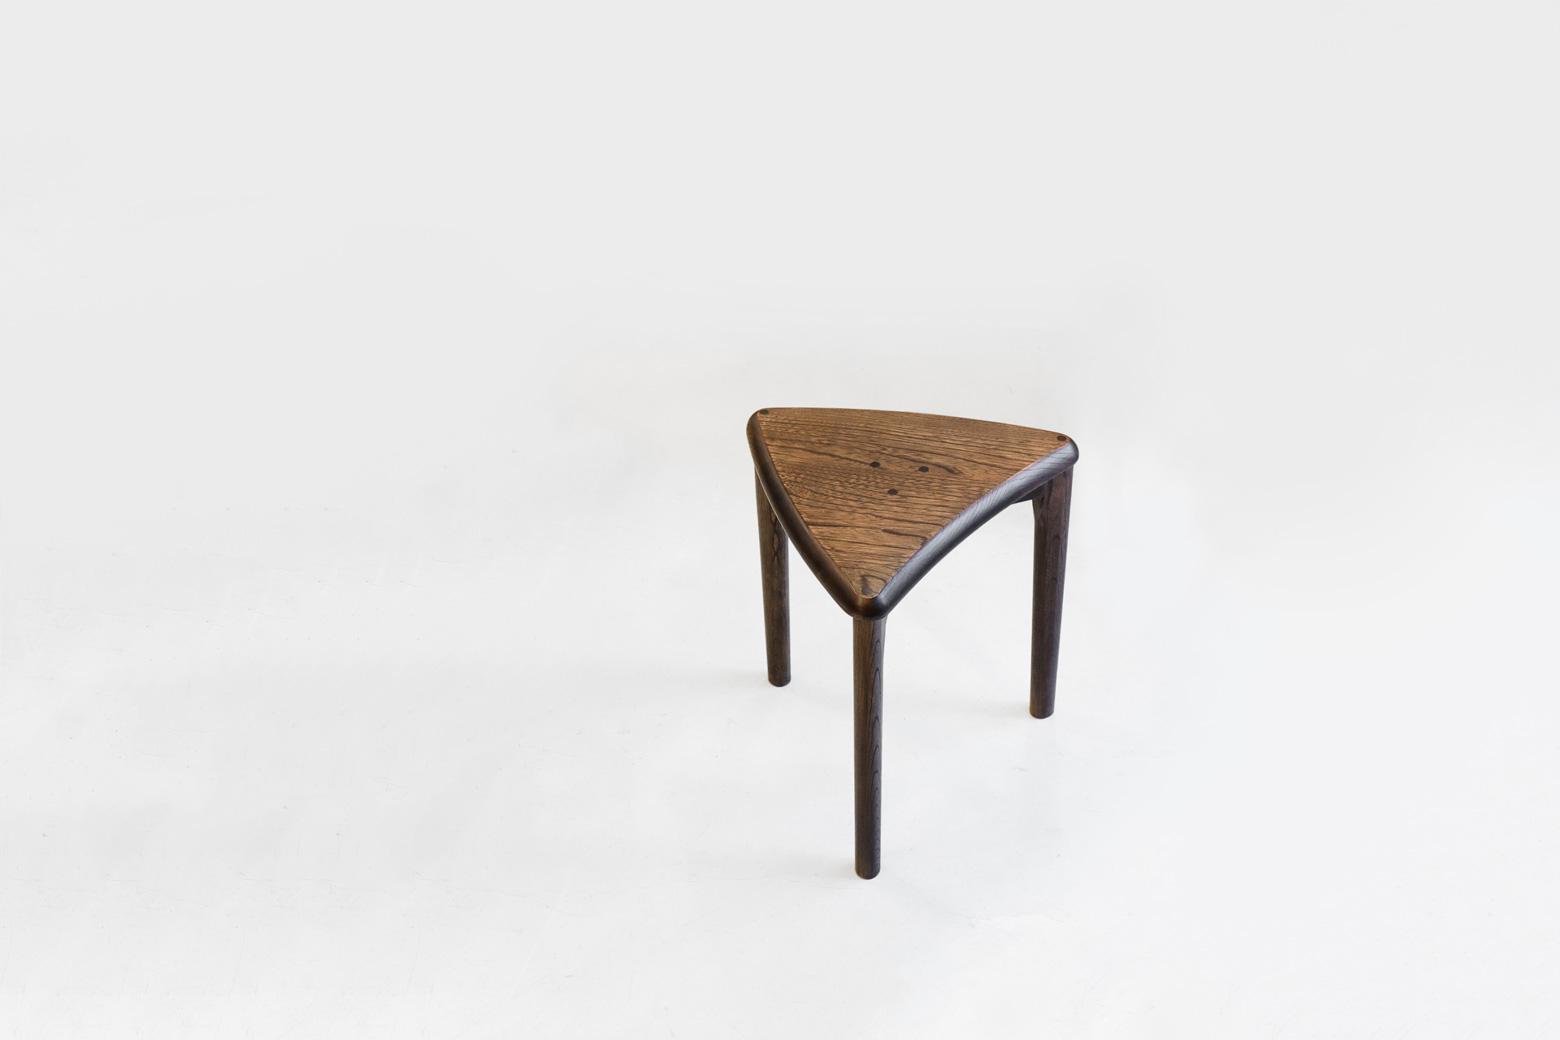 """1963年創業の家具メーカー、空間工房。 都内屈指の下町であり、また都内随一の家具・木工の町である荒川区町屋に工房を構え、腕の良い職人さんたちの卓越した技術でオリジナル家具やオーダー家具を作っています。 こちらはクルミ材を使った、おにぎりのようなかわいらしい三角形のスツール。 椅子と比べるとスツールは座り心地や安定性が劣ってしまうというウィークポイントを少しでも改善するべく、このスツールは三本脚で構成されています。 凸凹の床が多い北欧のチェアやスツールも安定性をアップさせるために三本脚のものが多くありますね。 さらに、座面の裏側を見てみると、三本の脚が""""剣留め""""という伝統的な技法で接合されており、より一層ブレにくく、歪みにくい、強度の高い構造になっています。 細かな傷やスレがございますが、大きなダメージはございません。 こちらのスツールは6脚ピタッとつけて並べると円形に、3脚並べると半円になるという、使わない時はそのまま置いておくだけでインテリアのようにもなります。 玄関で靴を履くときに座ったり、ドレッサー用に使ったり、スツールはコンパクトだから実は使い勝手も◎。 脇役のように使いがちのスツールもこれならいつでも使いたいと思わせてくれる、かわいらしいスツールです。 ~【東京都杉並区阿佐ヶ谷北アンティークショップ 古一】 古一/ふるいちでは出張無料買取も行っております。杉並区周辺はもちろん、世田谷区・目黒区・武蔵野市・新宿区等の東京近郊のお見積もりも!ビンテージ家具・インテリア雑貨・ランプ・USED品・ リサイクルなら古一/フルイチへ~"""